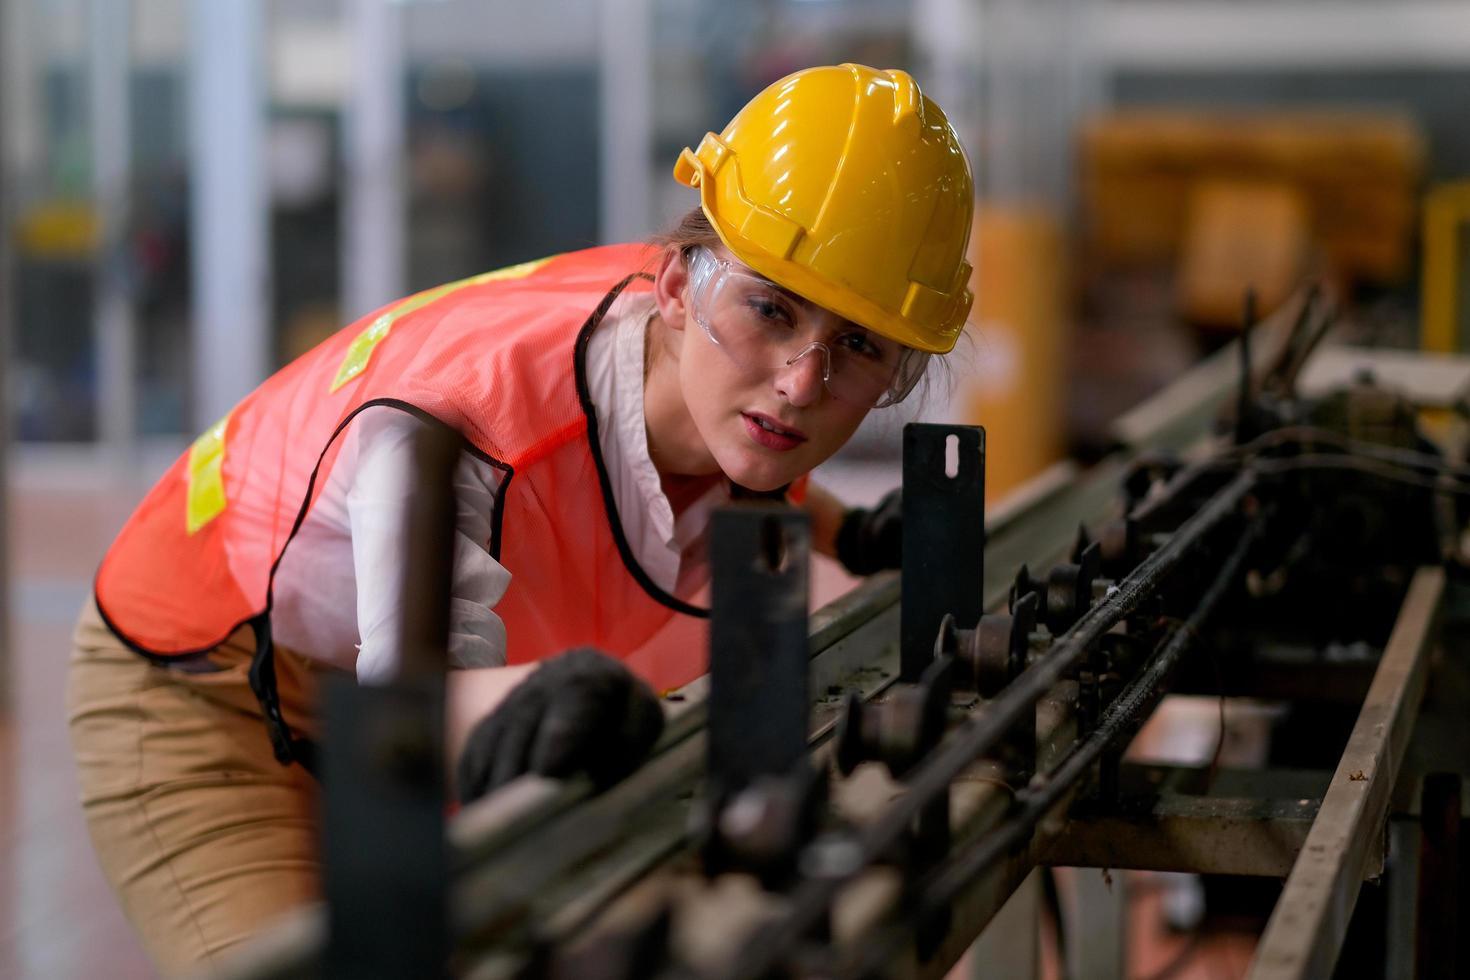 giovane tecnico femminile sul piano di lavoro industriale foto